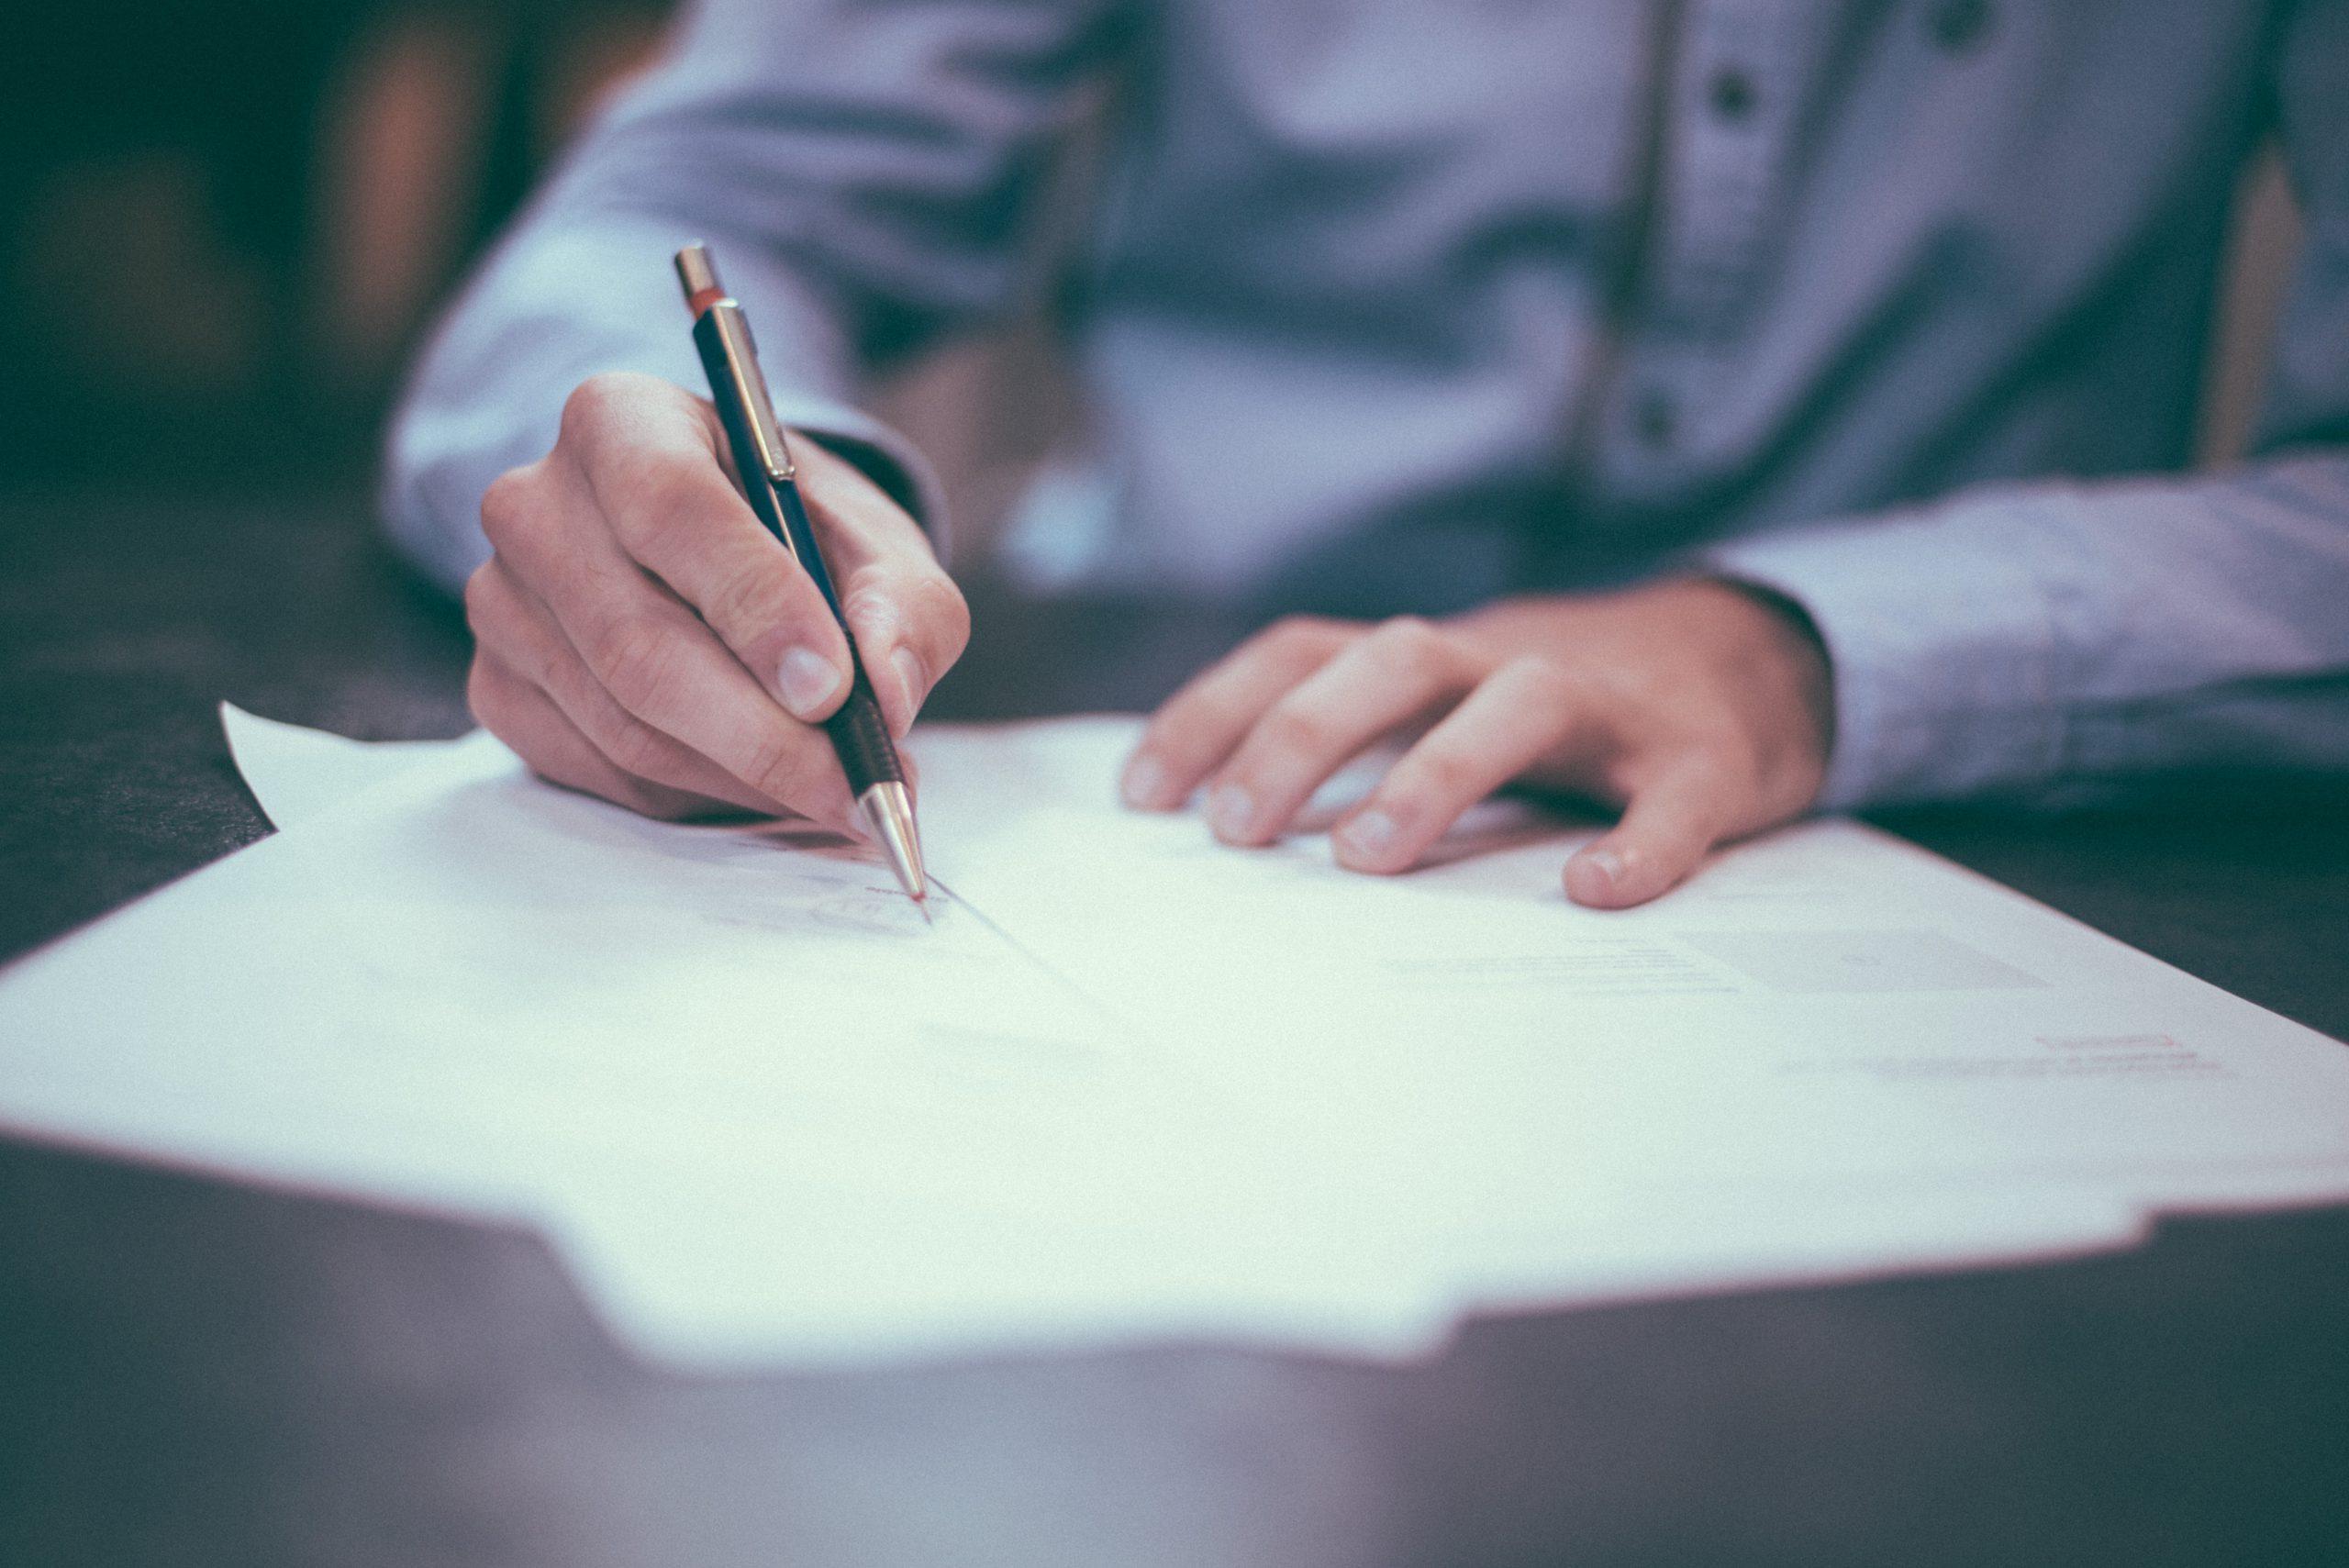 signing documents photo